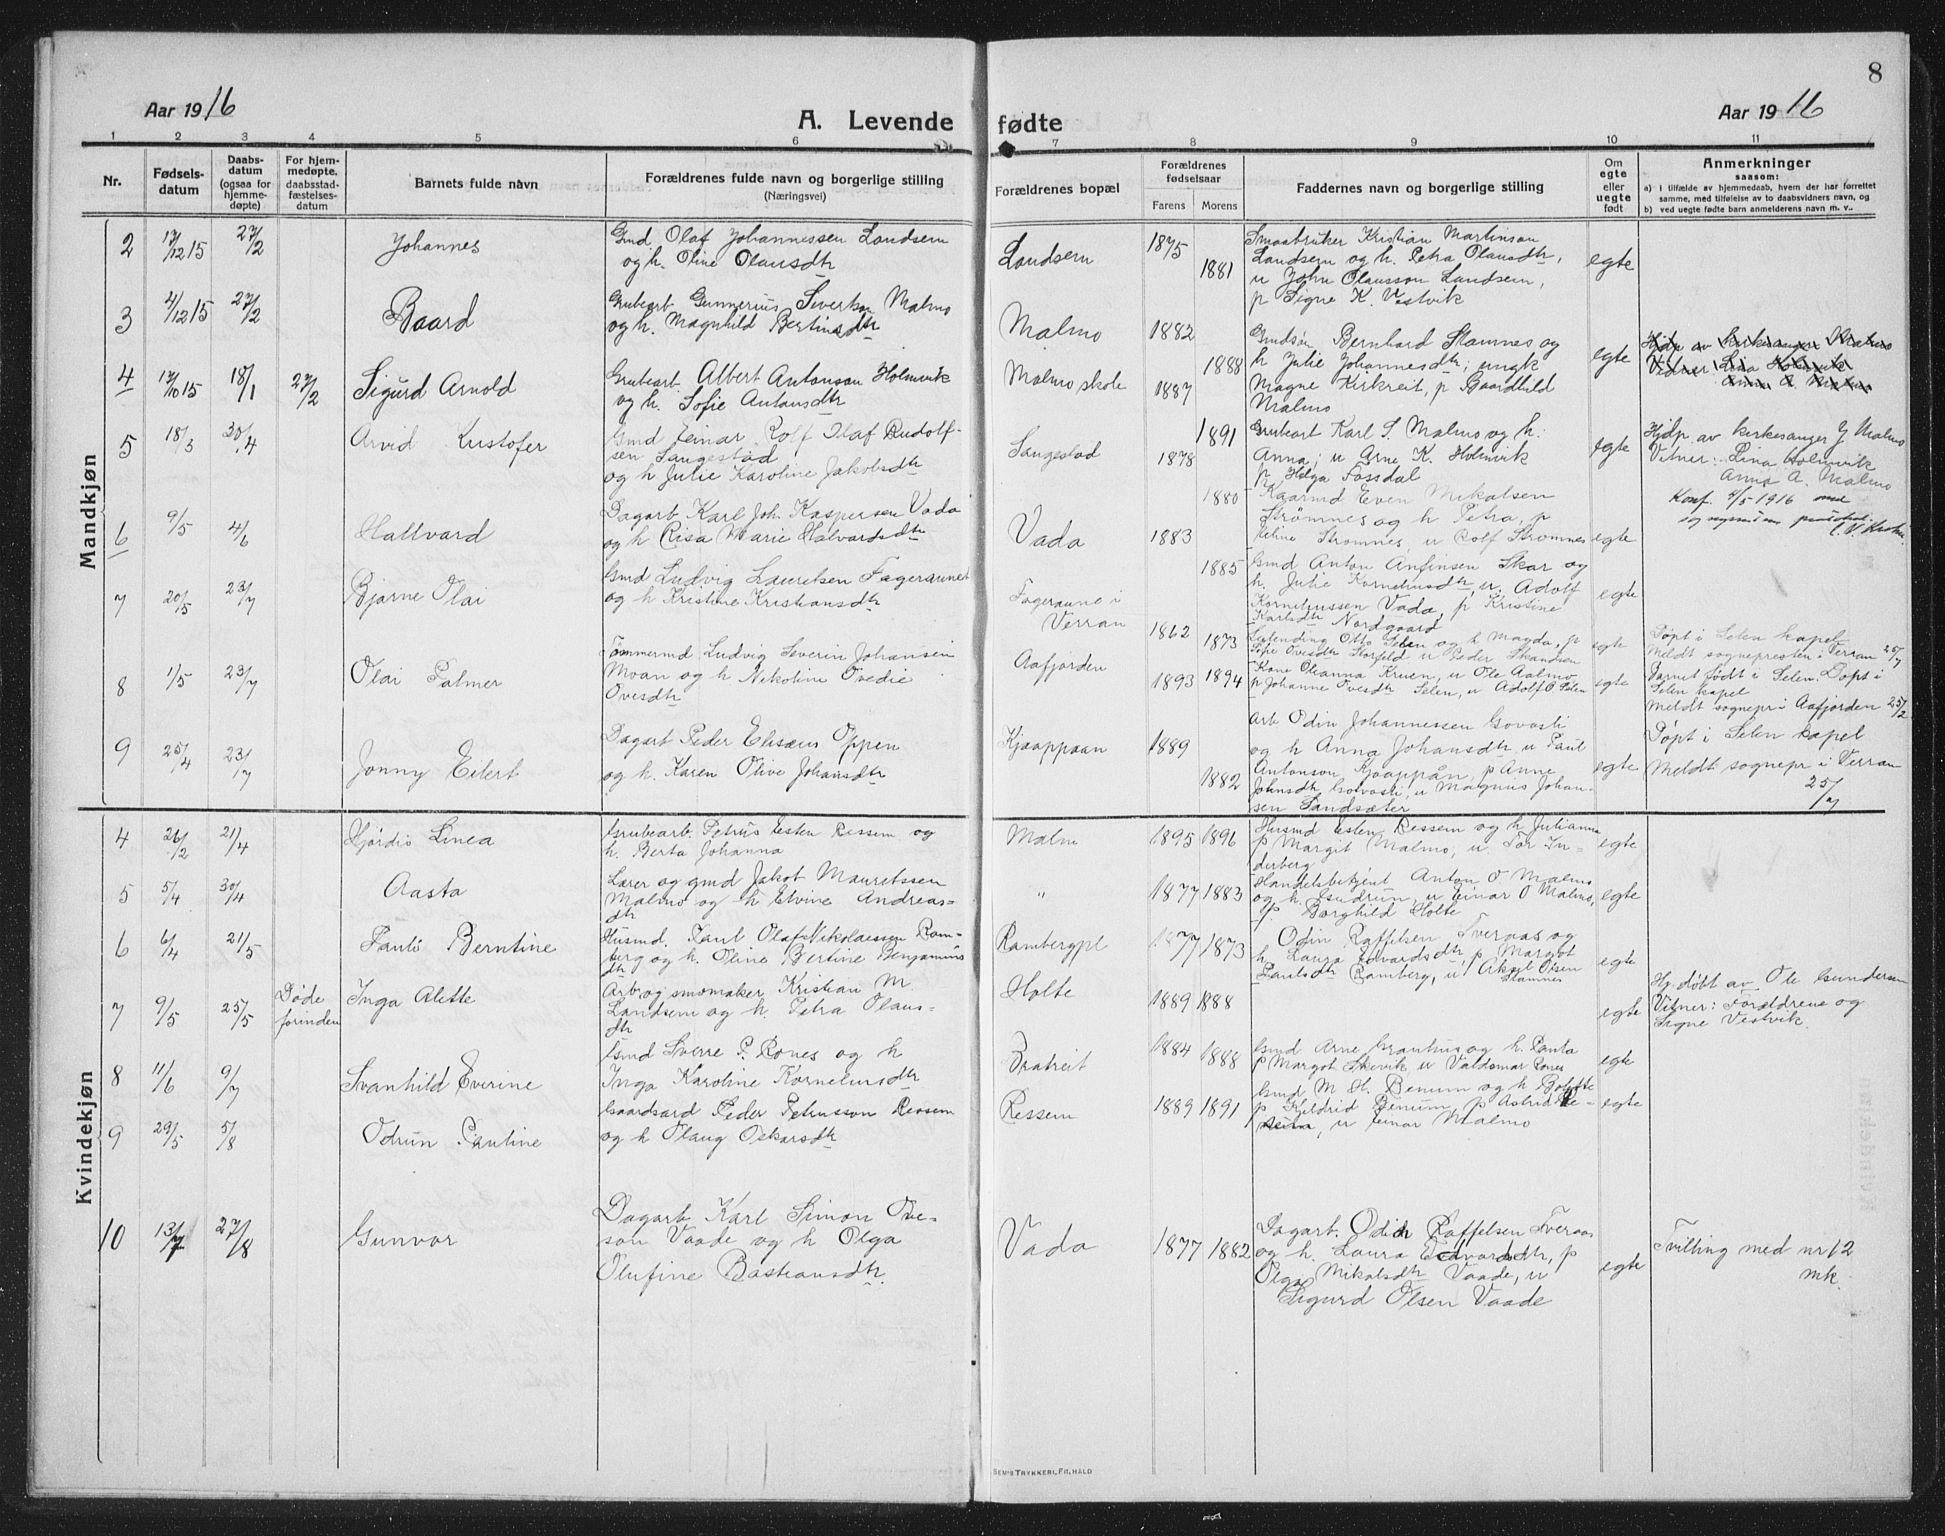 SAT, Ministerialprotokoller, klokkerbøker og fødselsregistre - Nord-Trøndelag, 745/L0434: Klokkerbok nr. 745C03, 1914-1937, s. 8